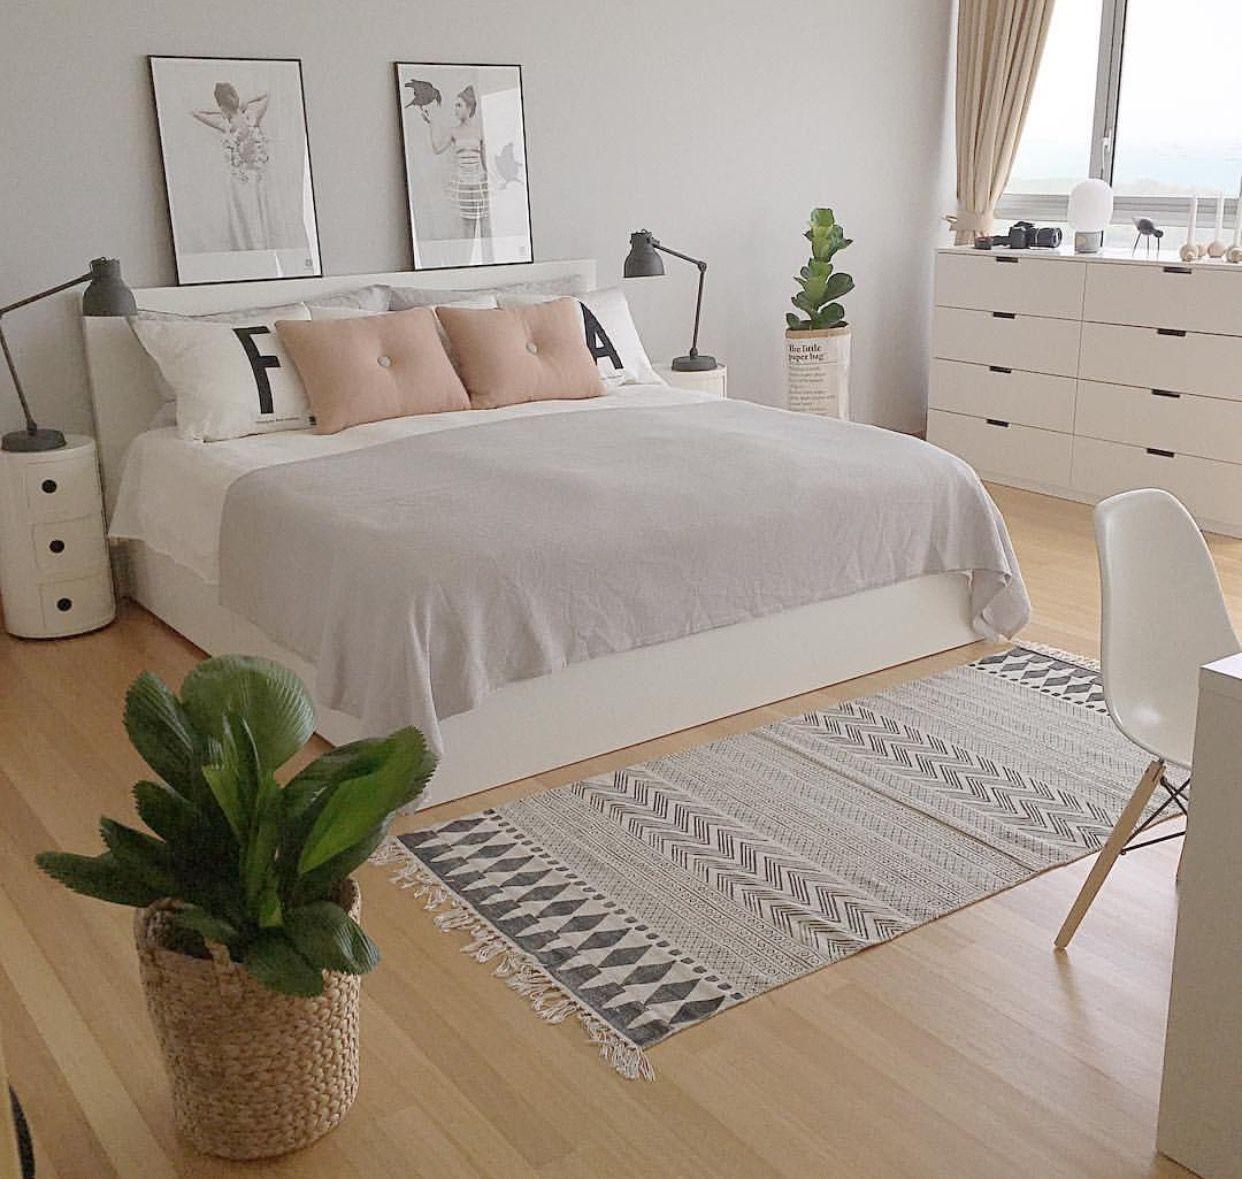 Phòng ngủ có màu trung tính nên bố trí thêm một ít cây xanh để làm điểm nhấn